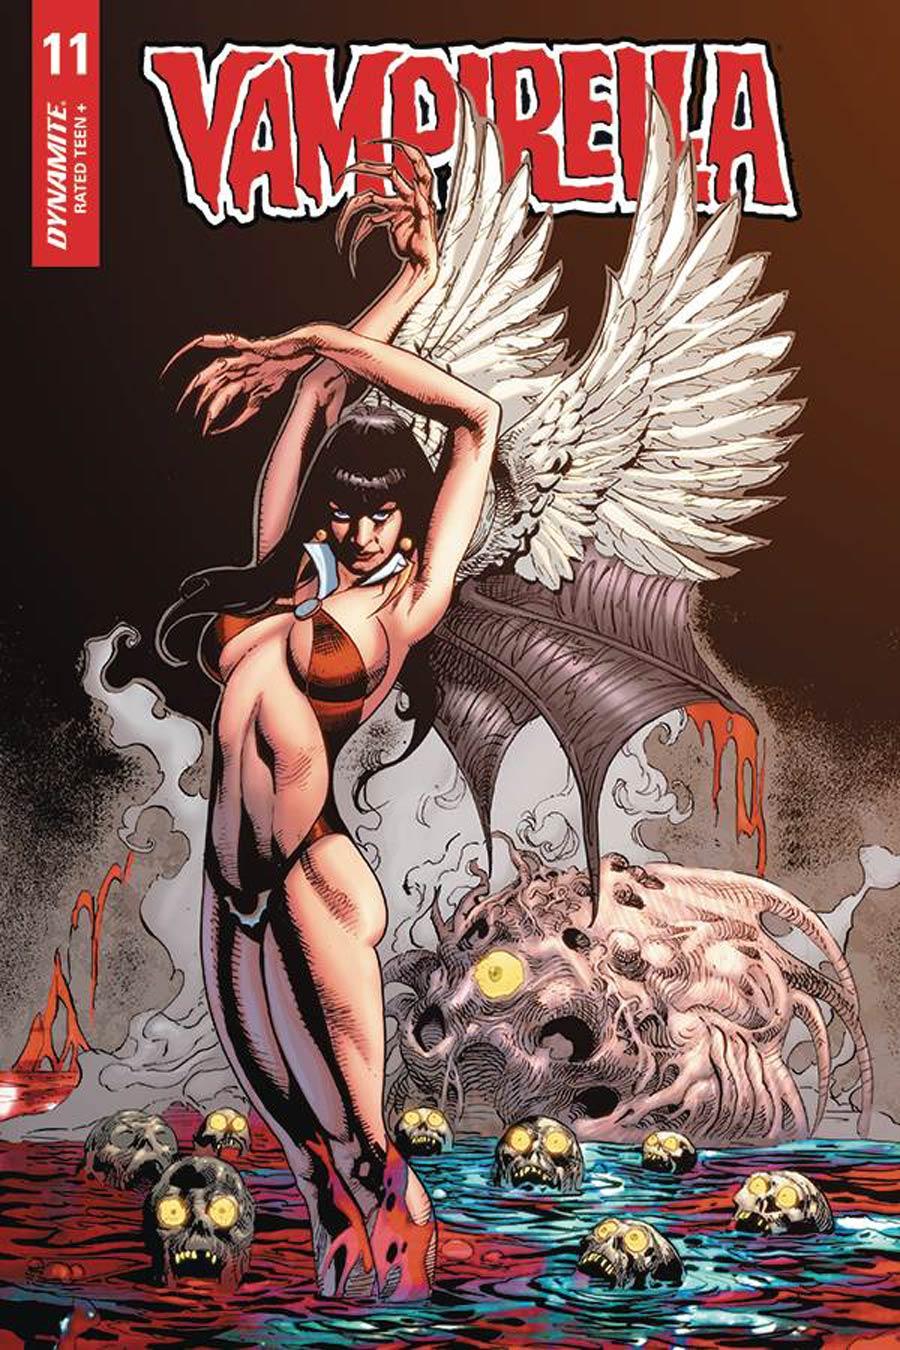 Vampirella Vol 8 #11 Cover F Variant Roberto Castro Cover